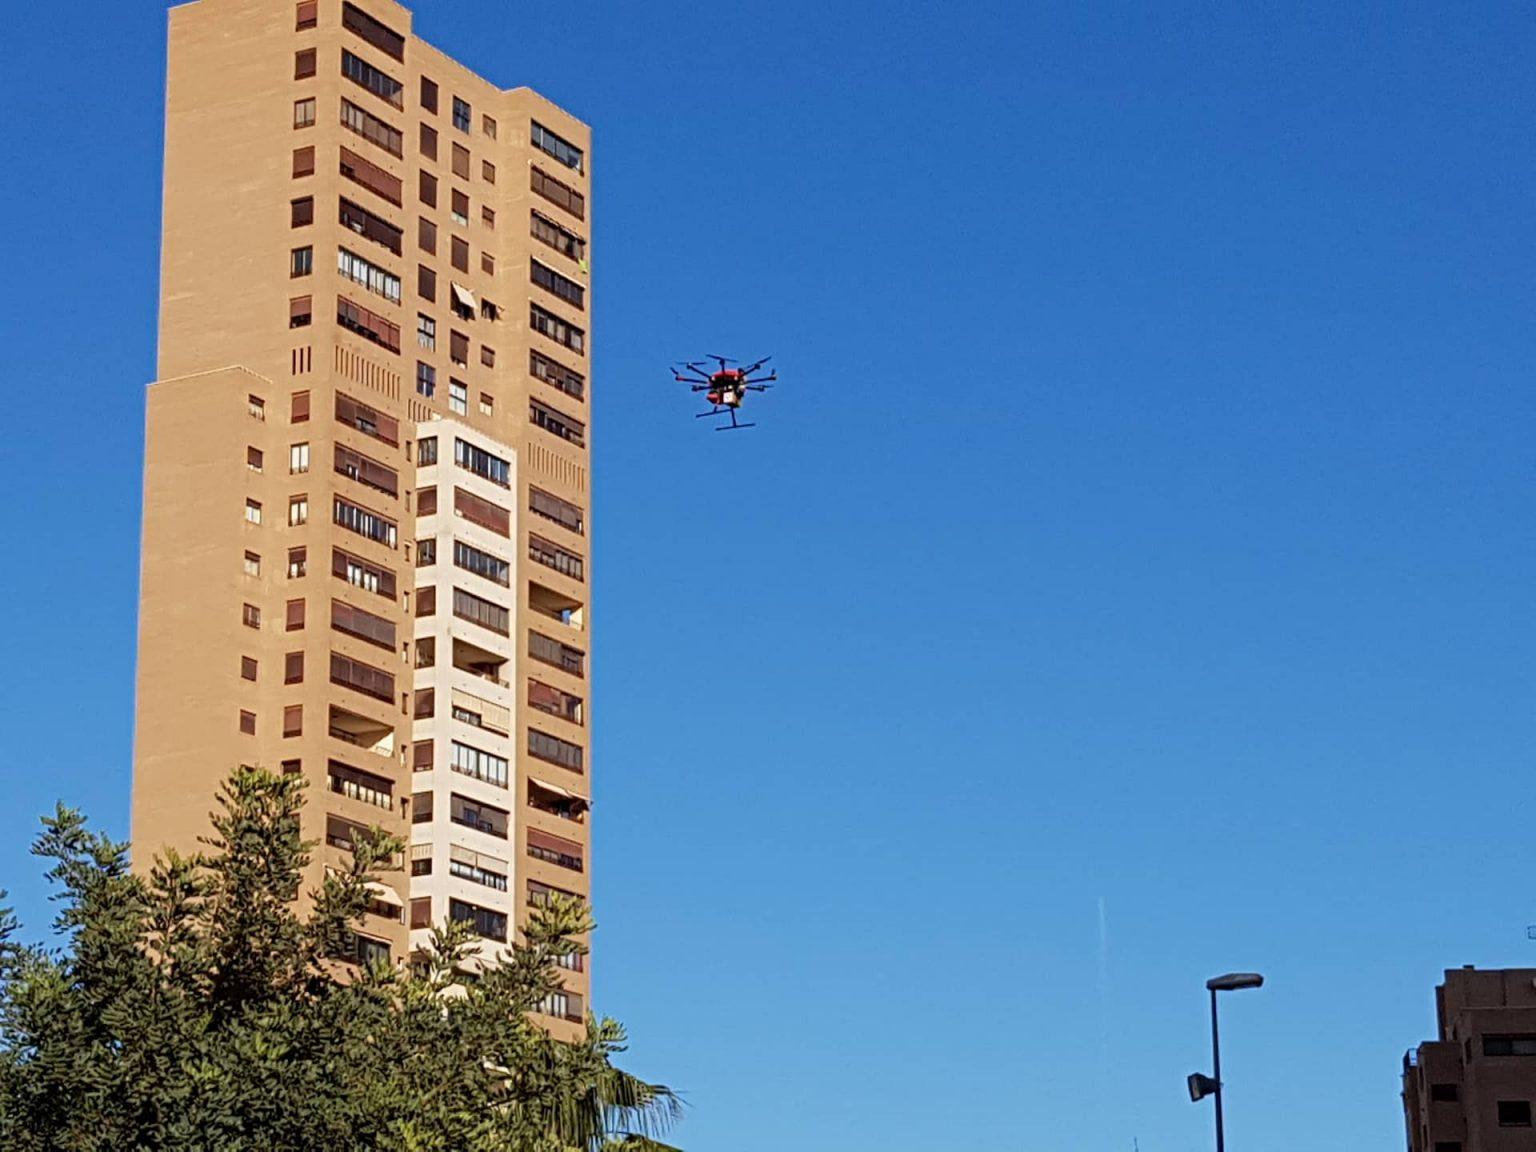 drone movilidad aérea